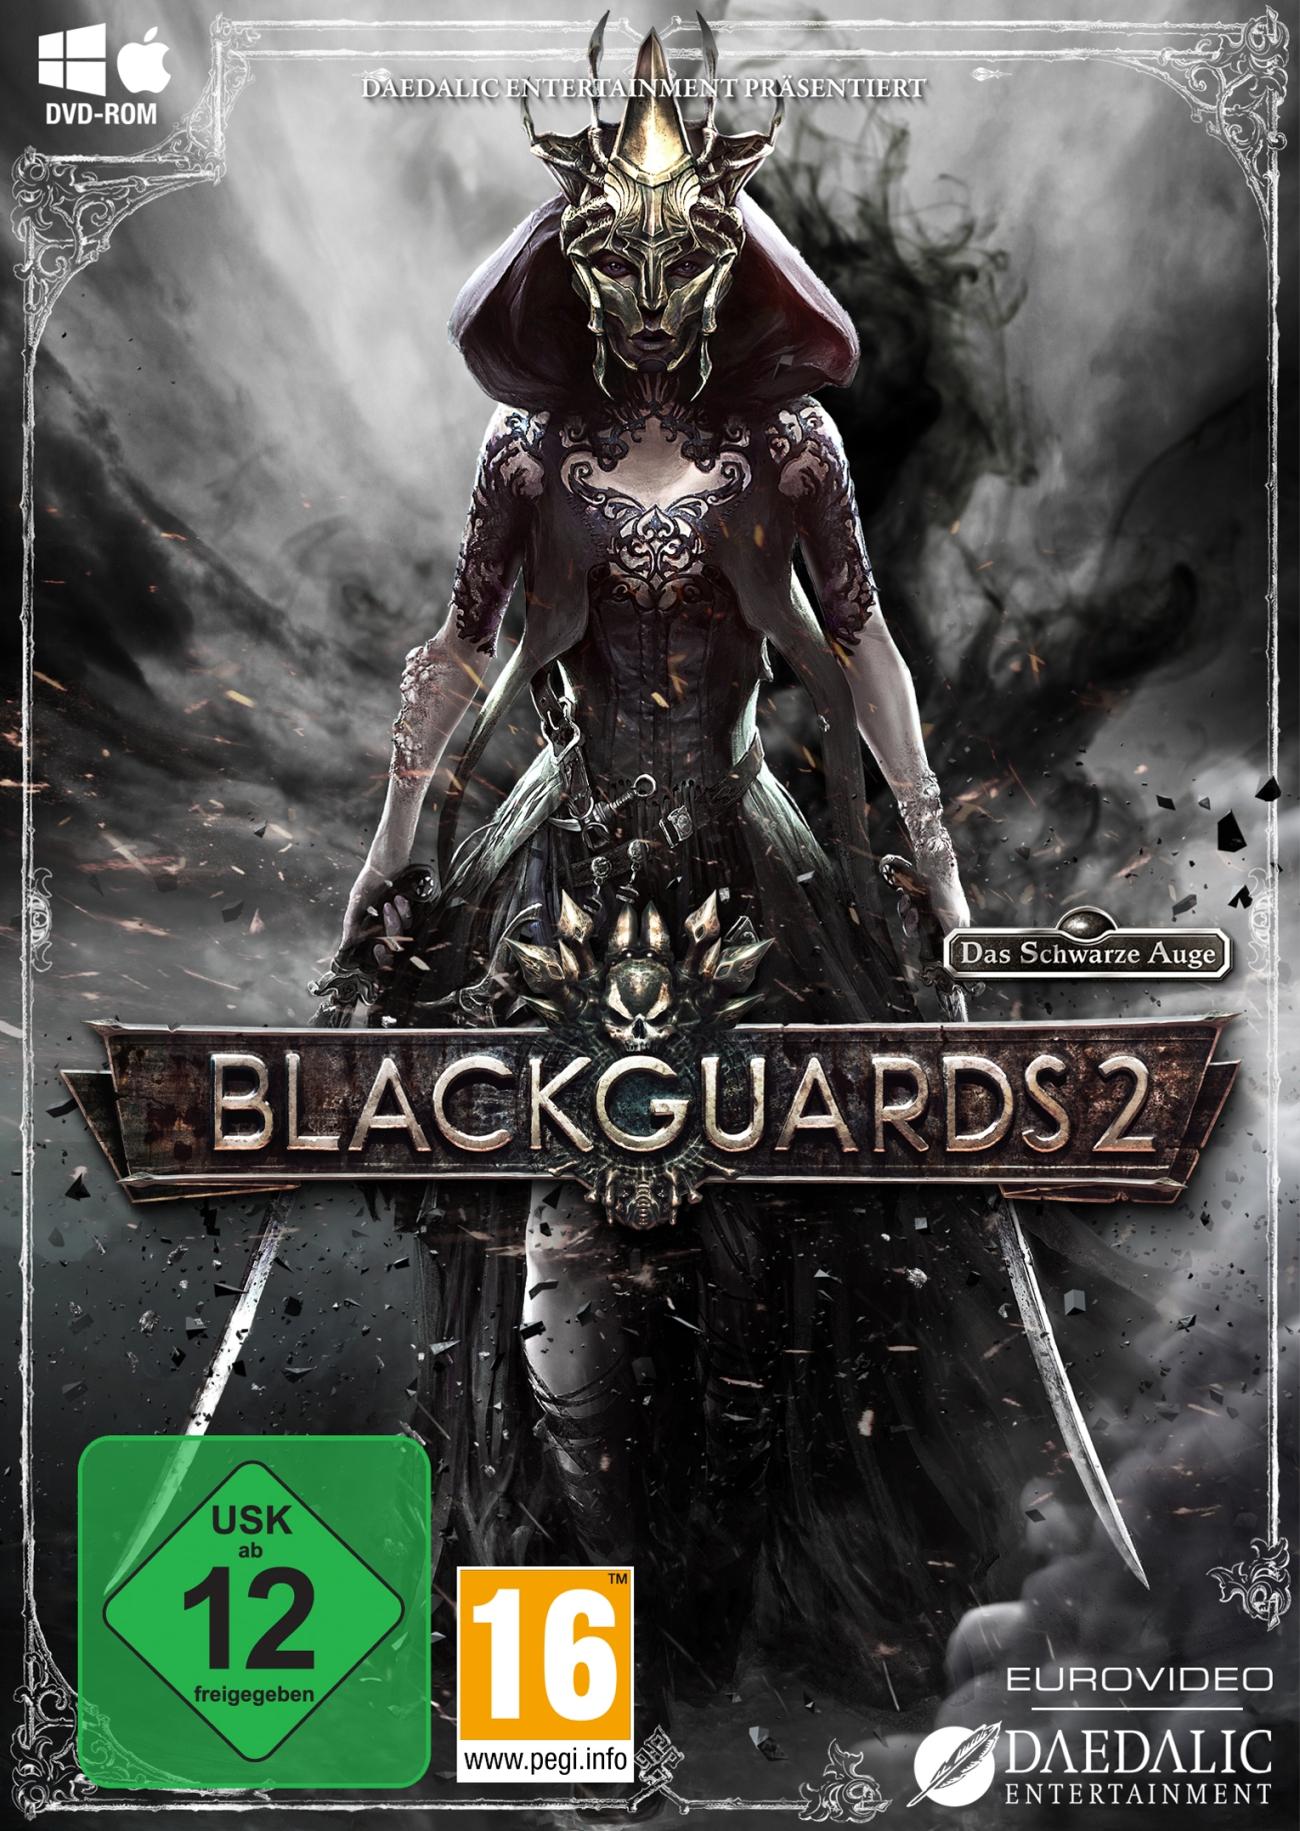 cover_blackguards2_standard